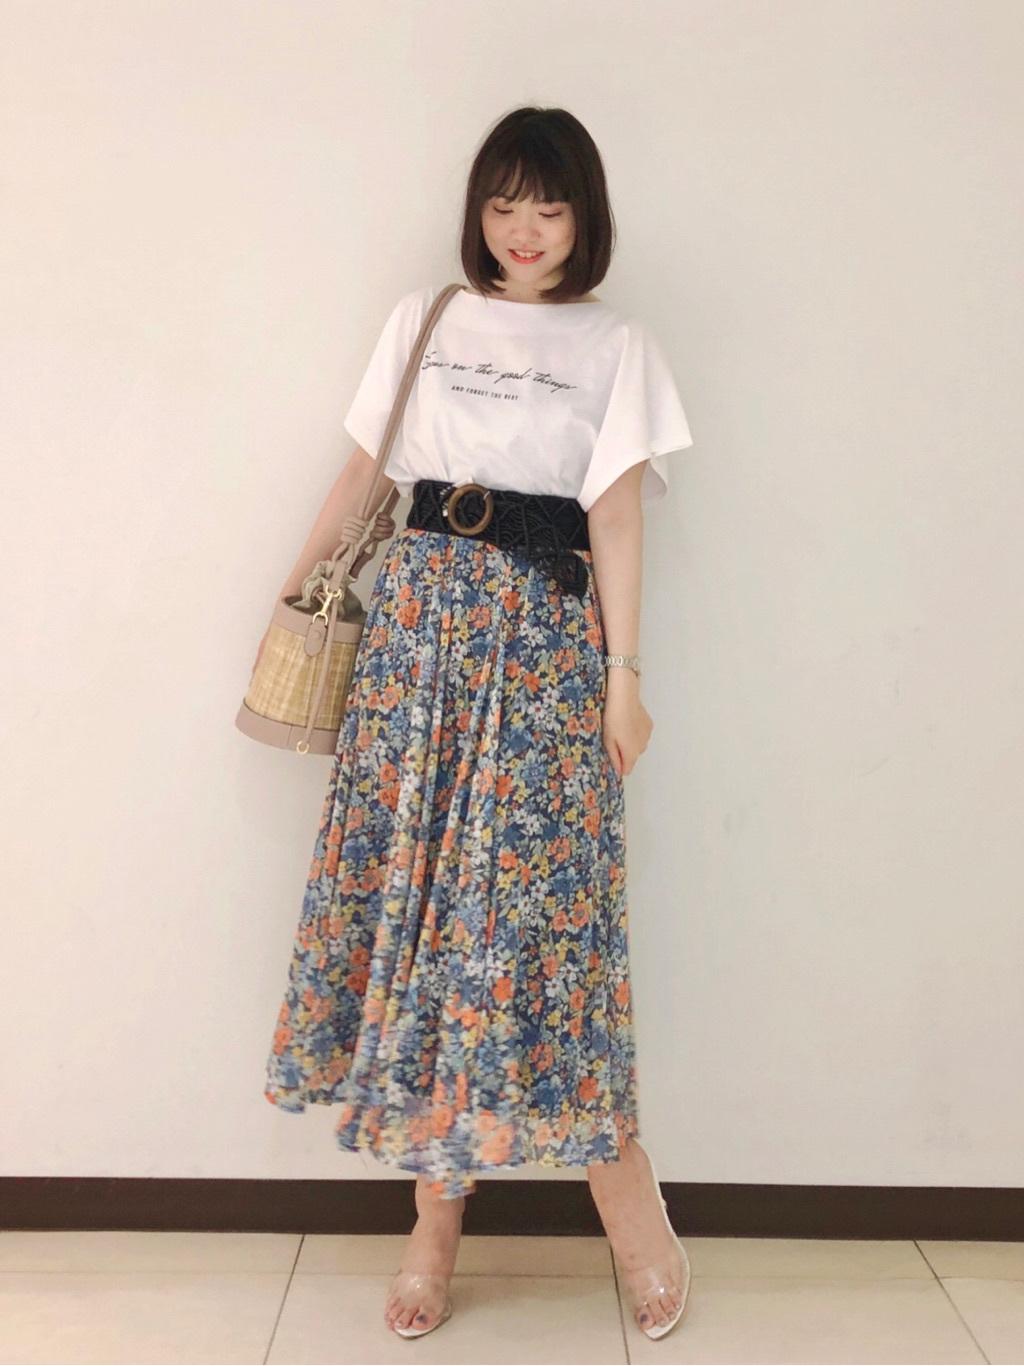 小沼咲奈(162cm)